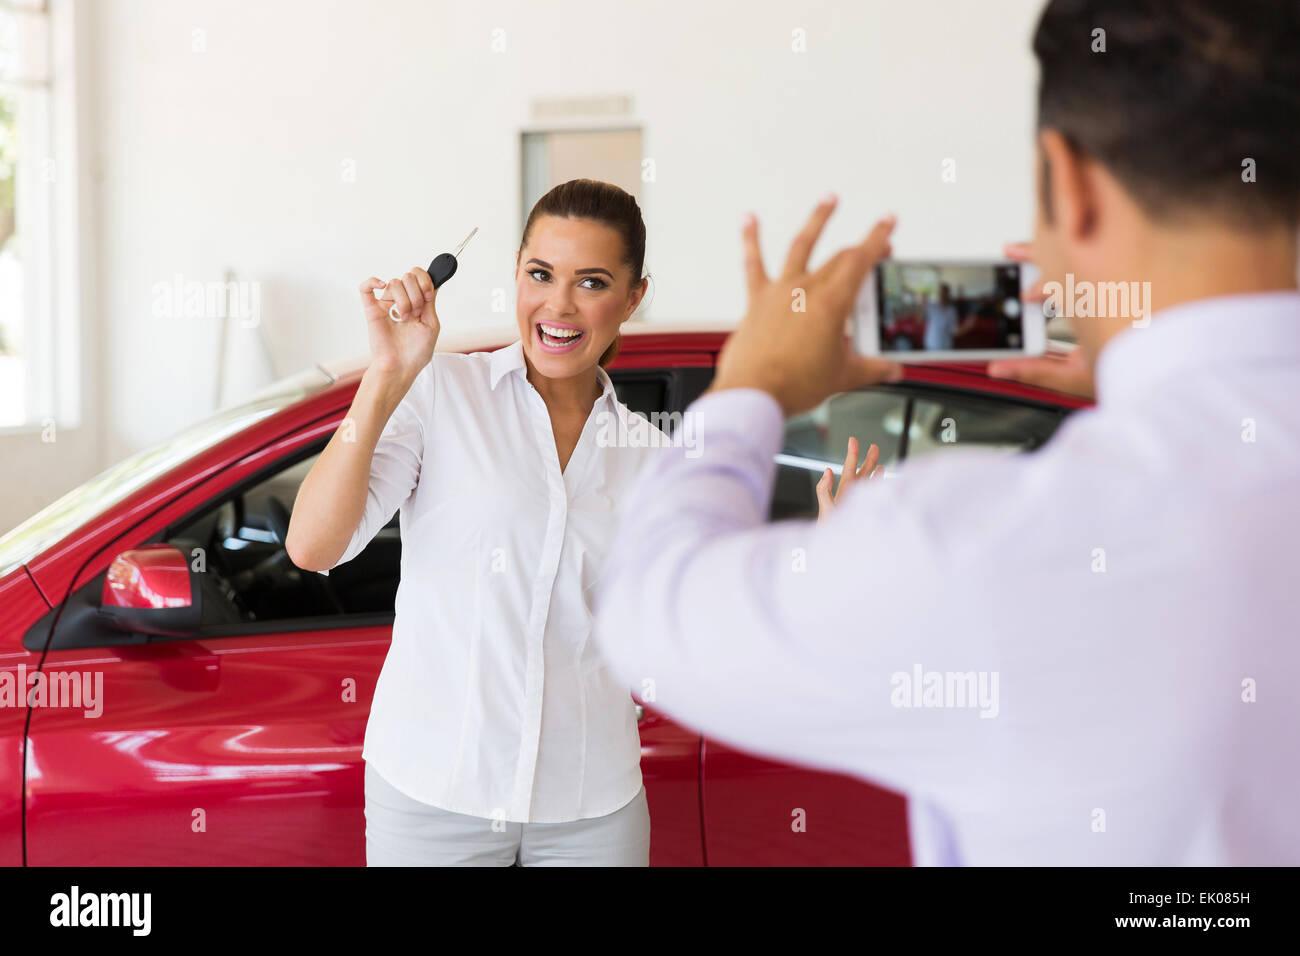 Venditore di scattare una foto del Excited donna accanto alla sua nuova vettura in showroom Foto Stock